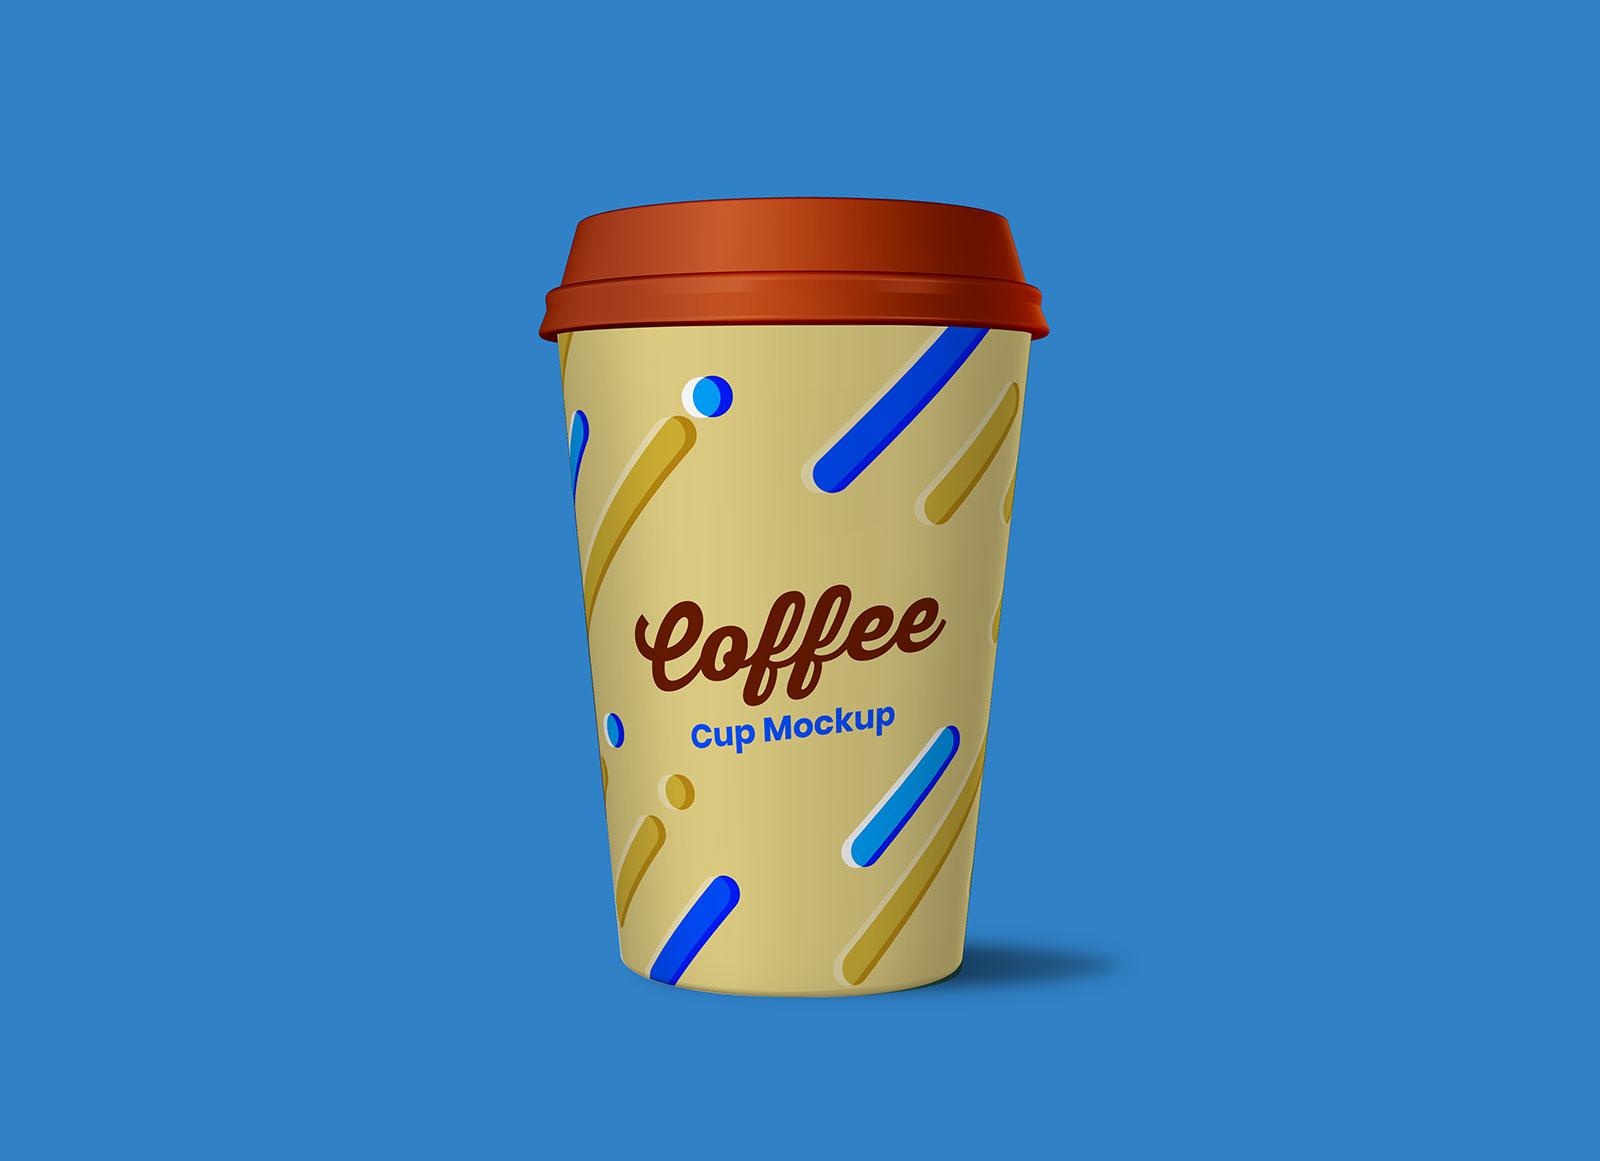 Free-Coffee-Cup-Mockup-PSD